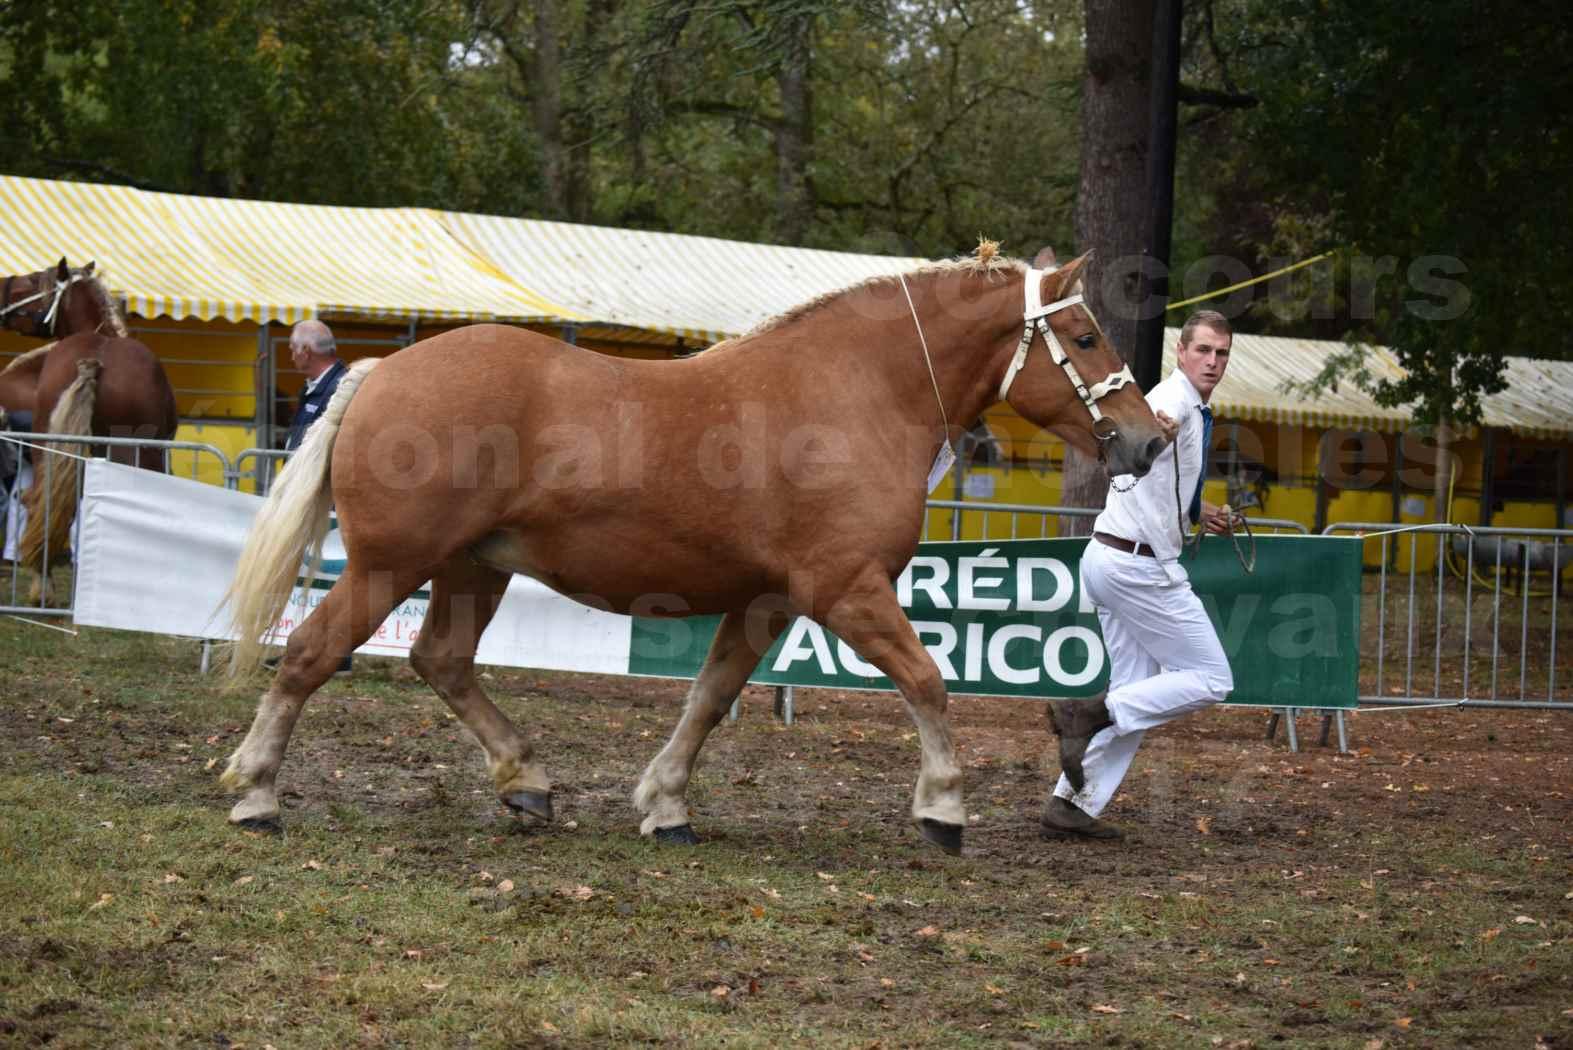 Concours Régional de chevaux de traits en 2017 - Pouliche Trait COMTOIS - EGLANTINE 28 - 05